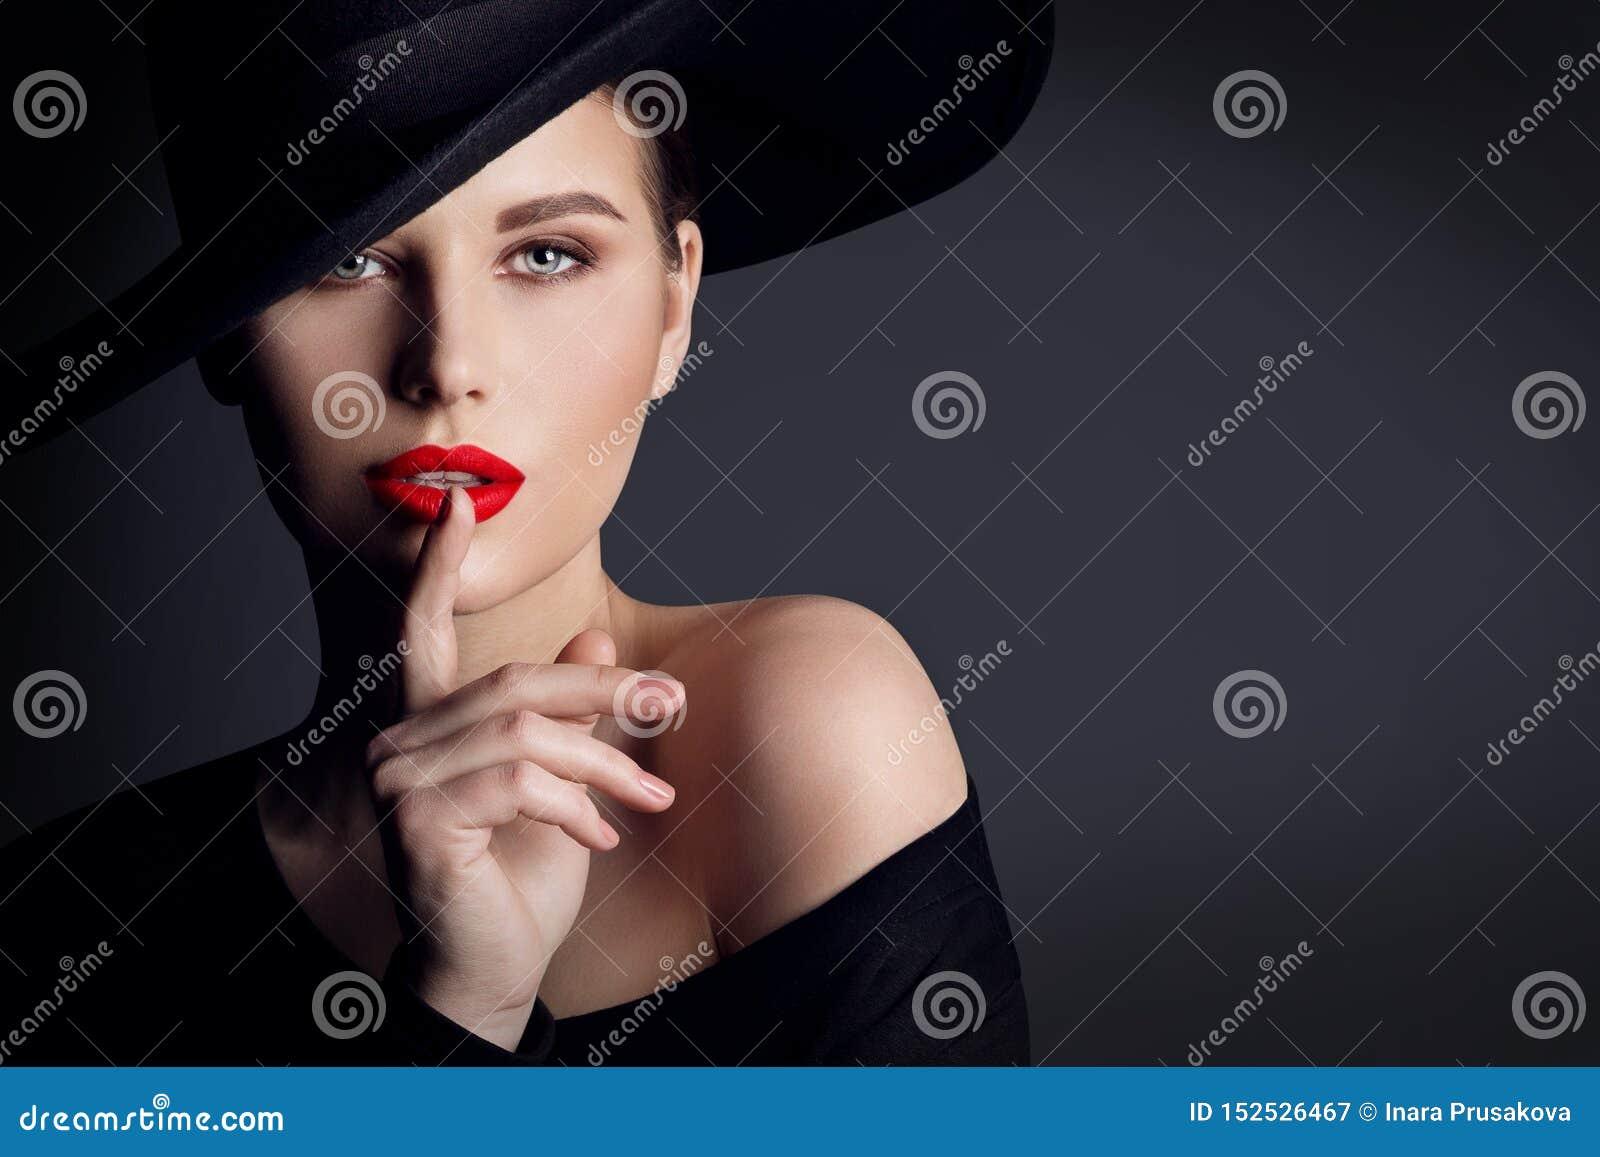 Μαύρο καπέλο γυναικών, κομψό πορτρέτο ομορφιάς μόδας πρότυπο, δάχτυλο στη χειλική σιωπηλή χειρονομία